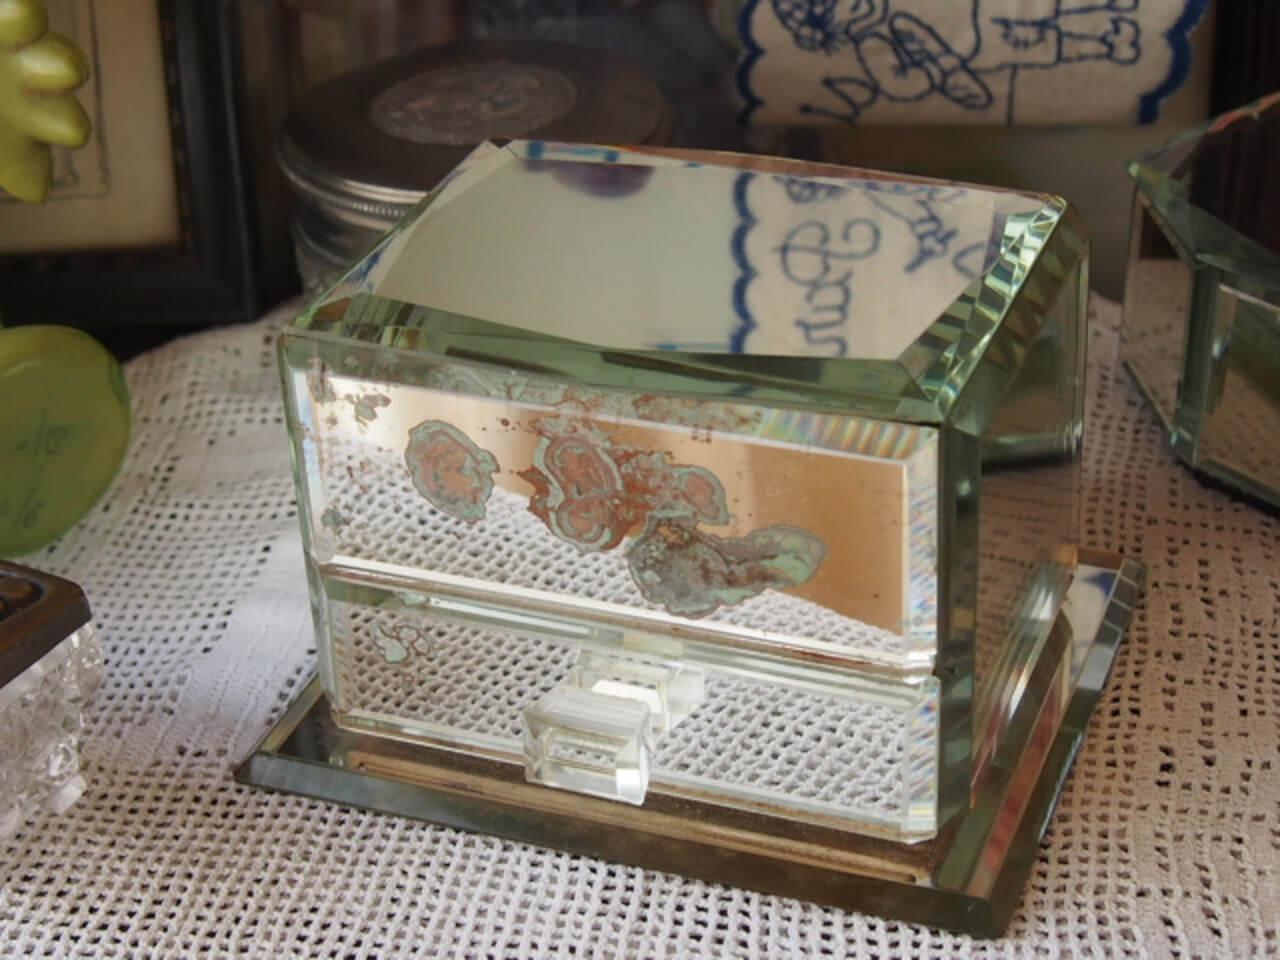 ミラー貼りのジュエリーボックス